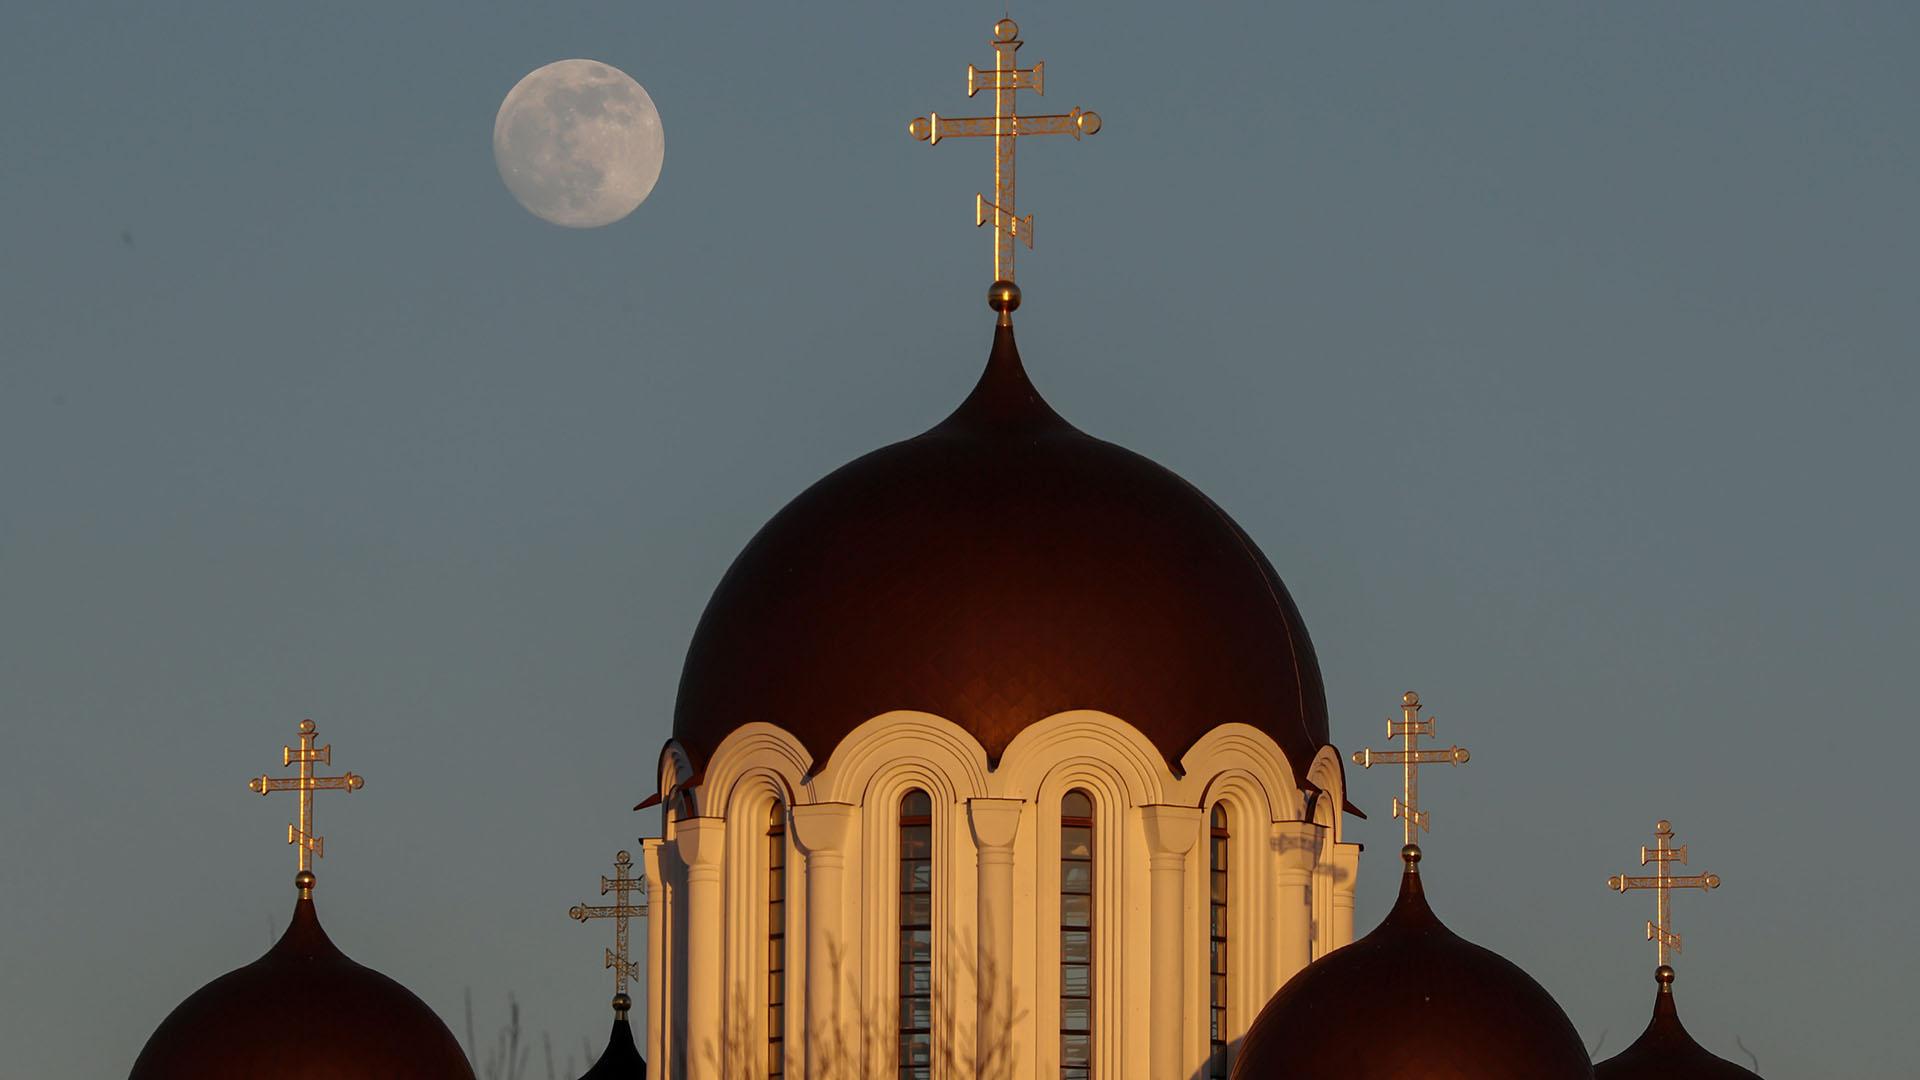 La Luna, sobre una Iglesia ortodoxa en Minsk, Bielorrusia(REUTERS/Vasily Fedosenko)